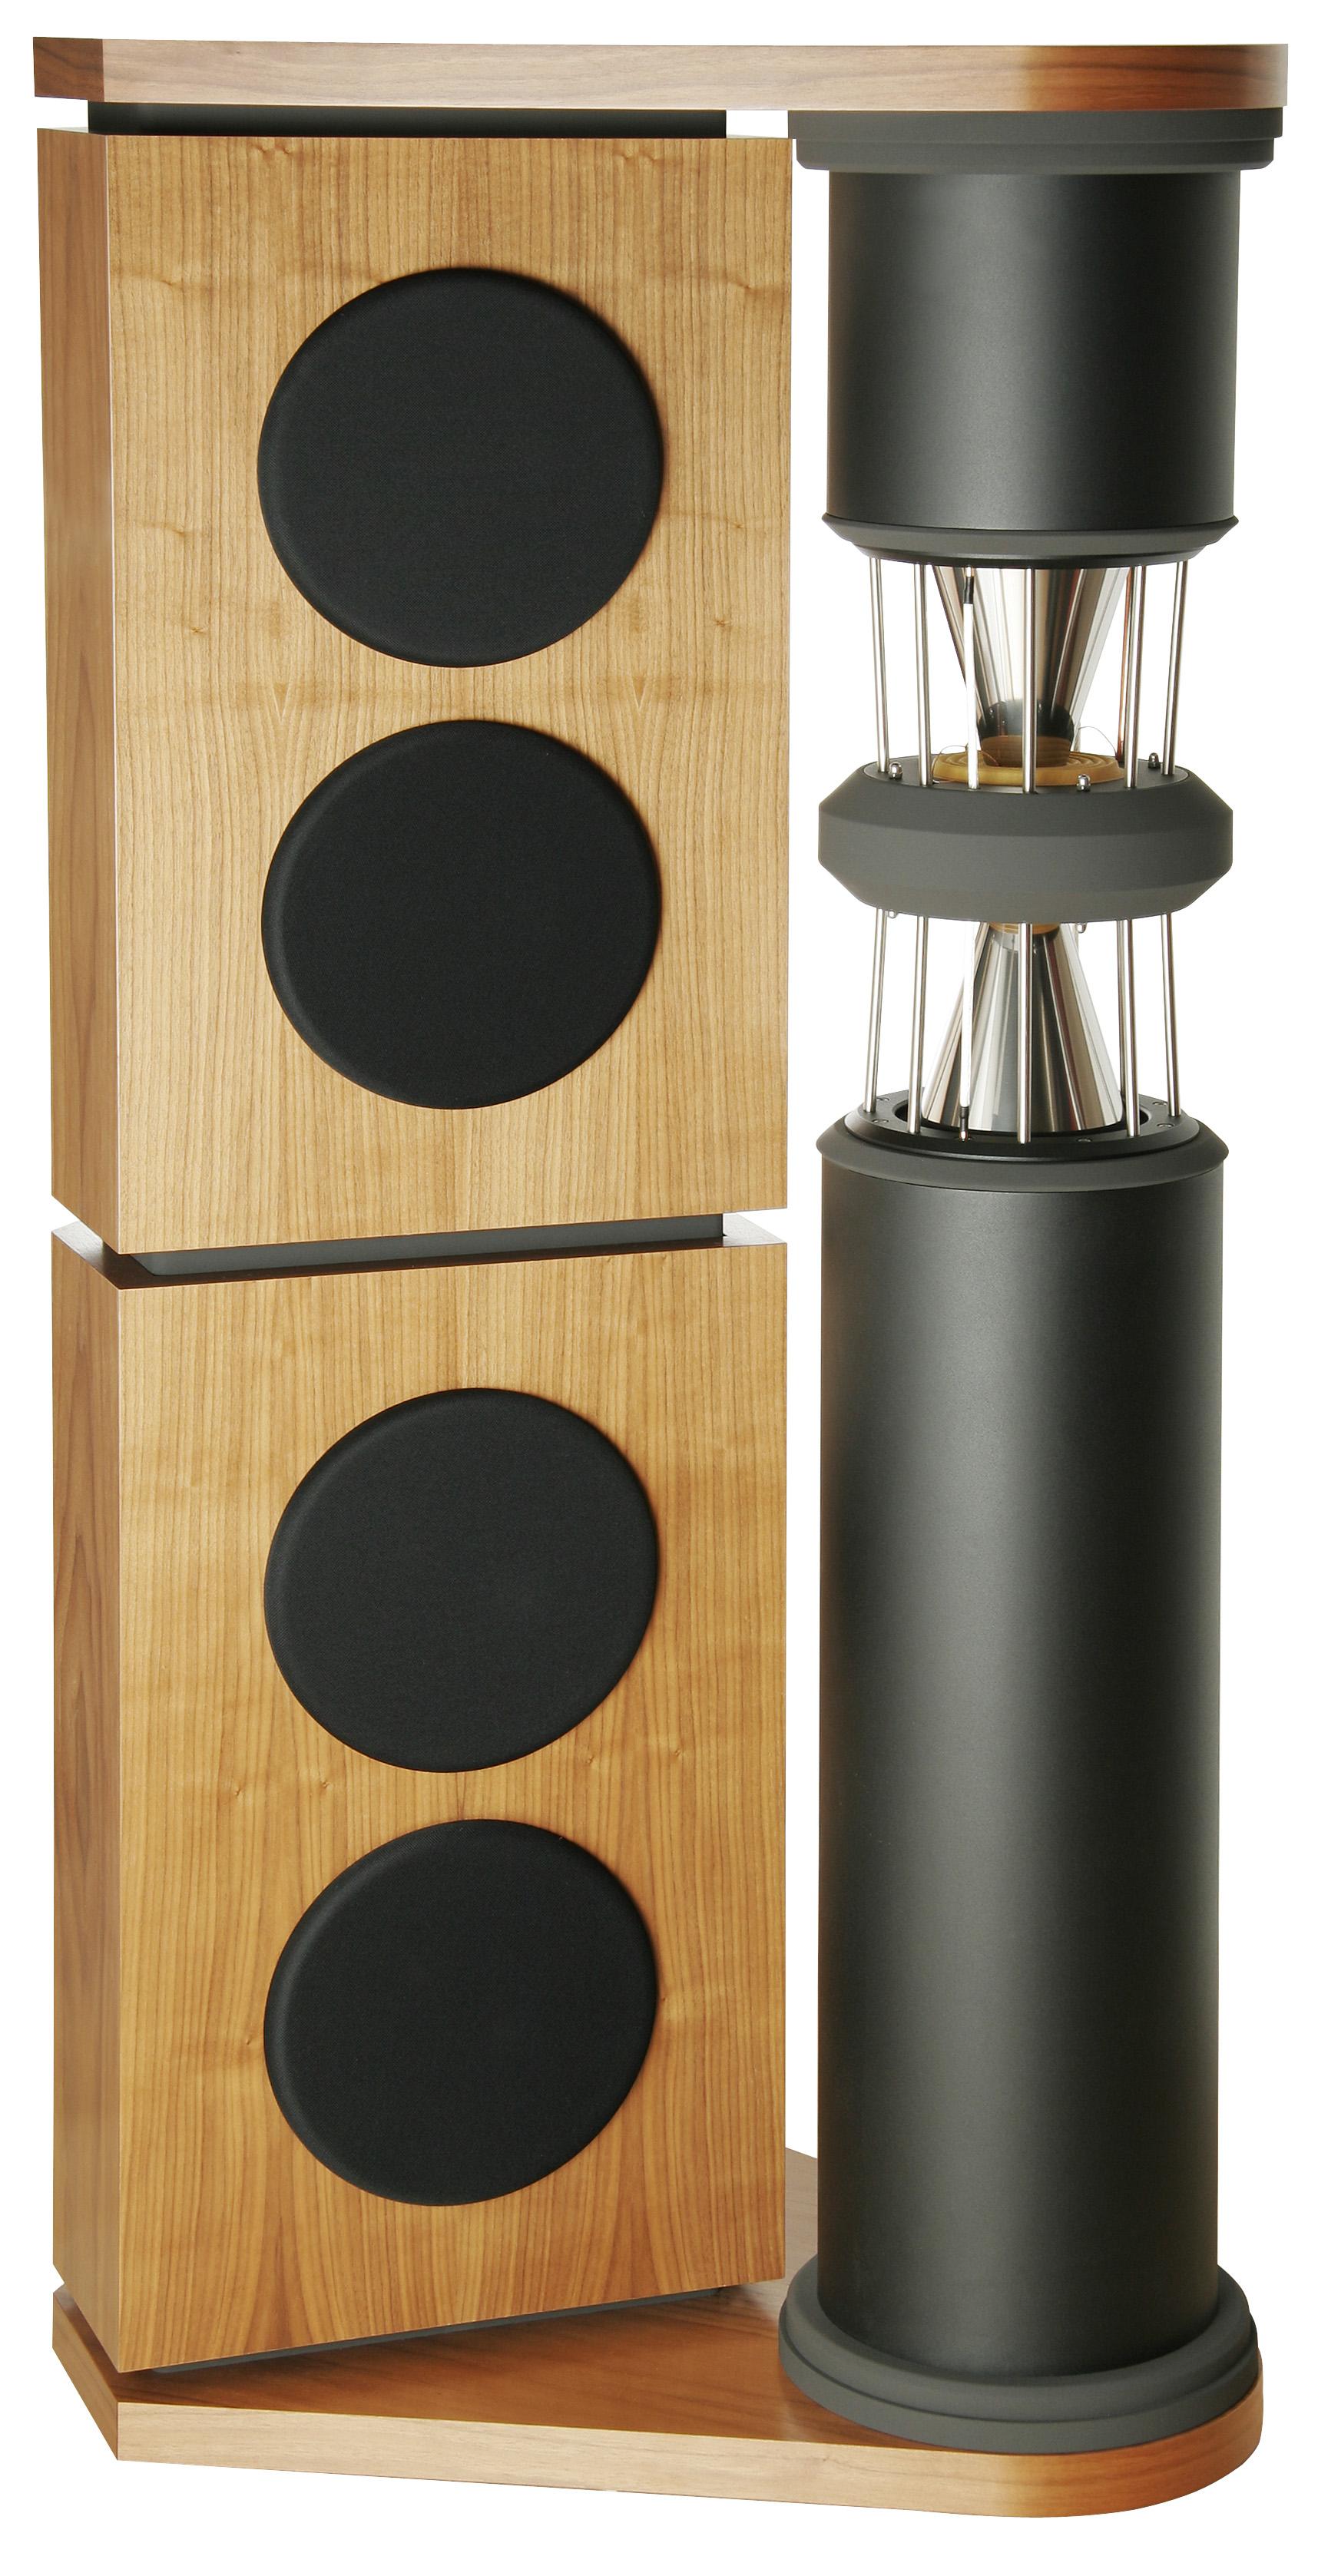 pqs-402-2-speaker.jpg